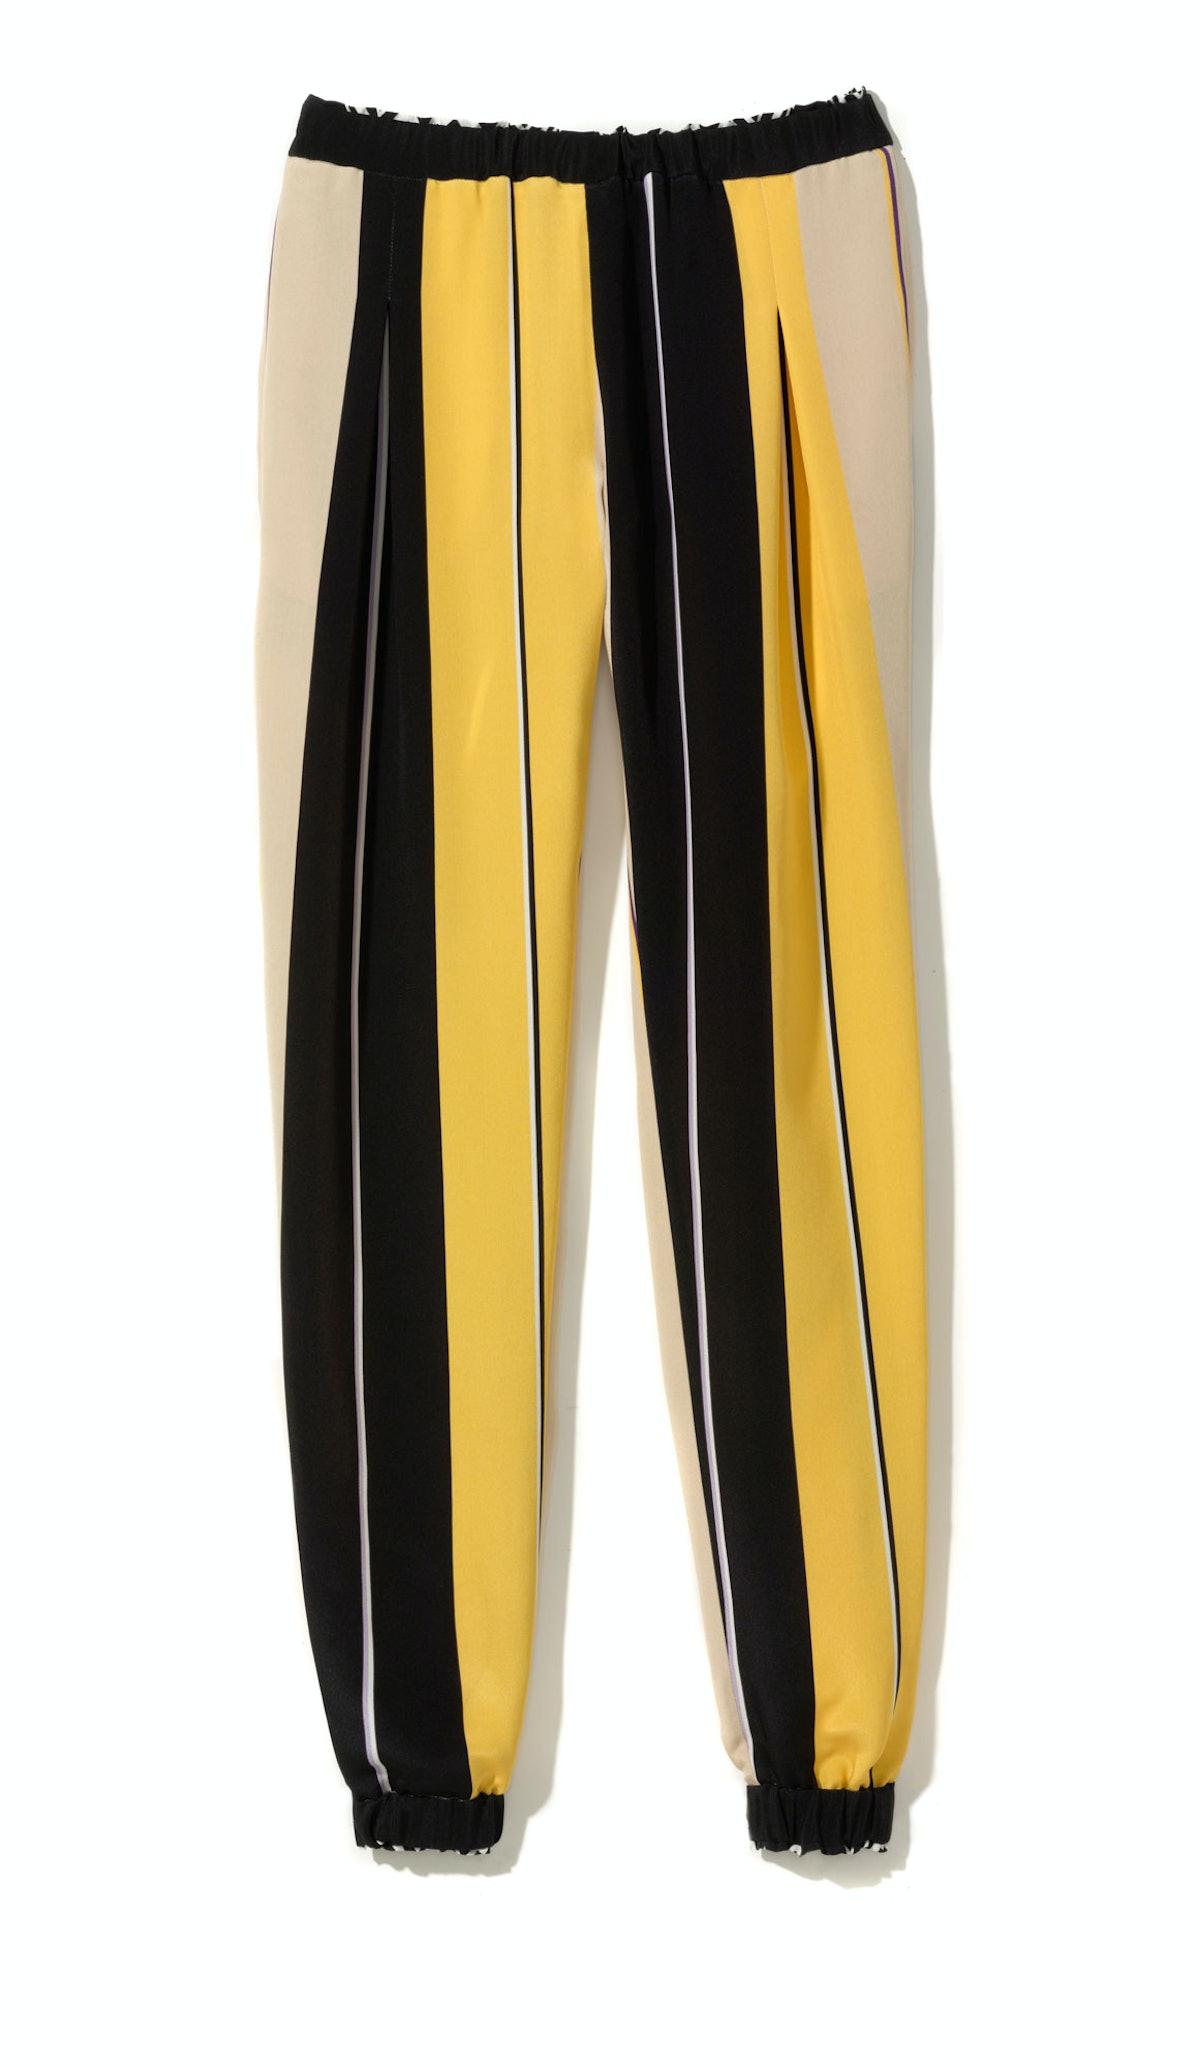 Fendi pants, $1,600, Stanley Korshak, Dallas.